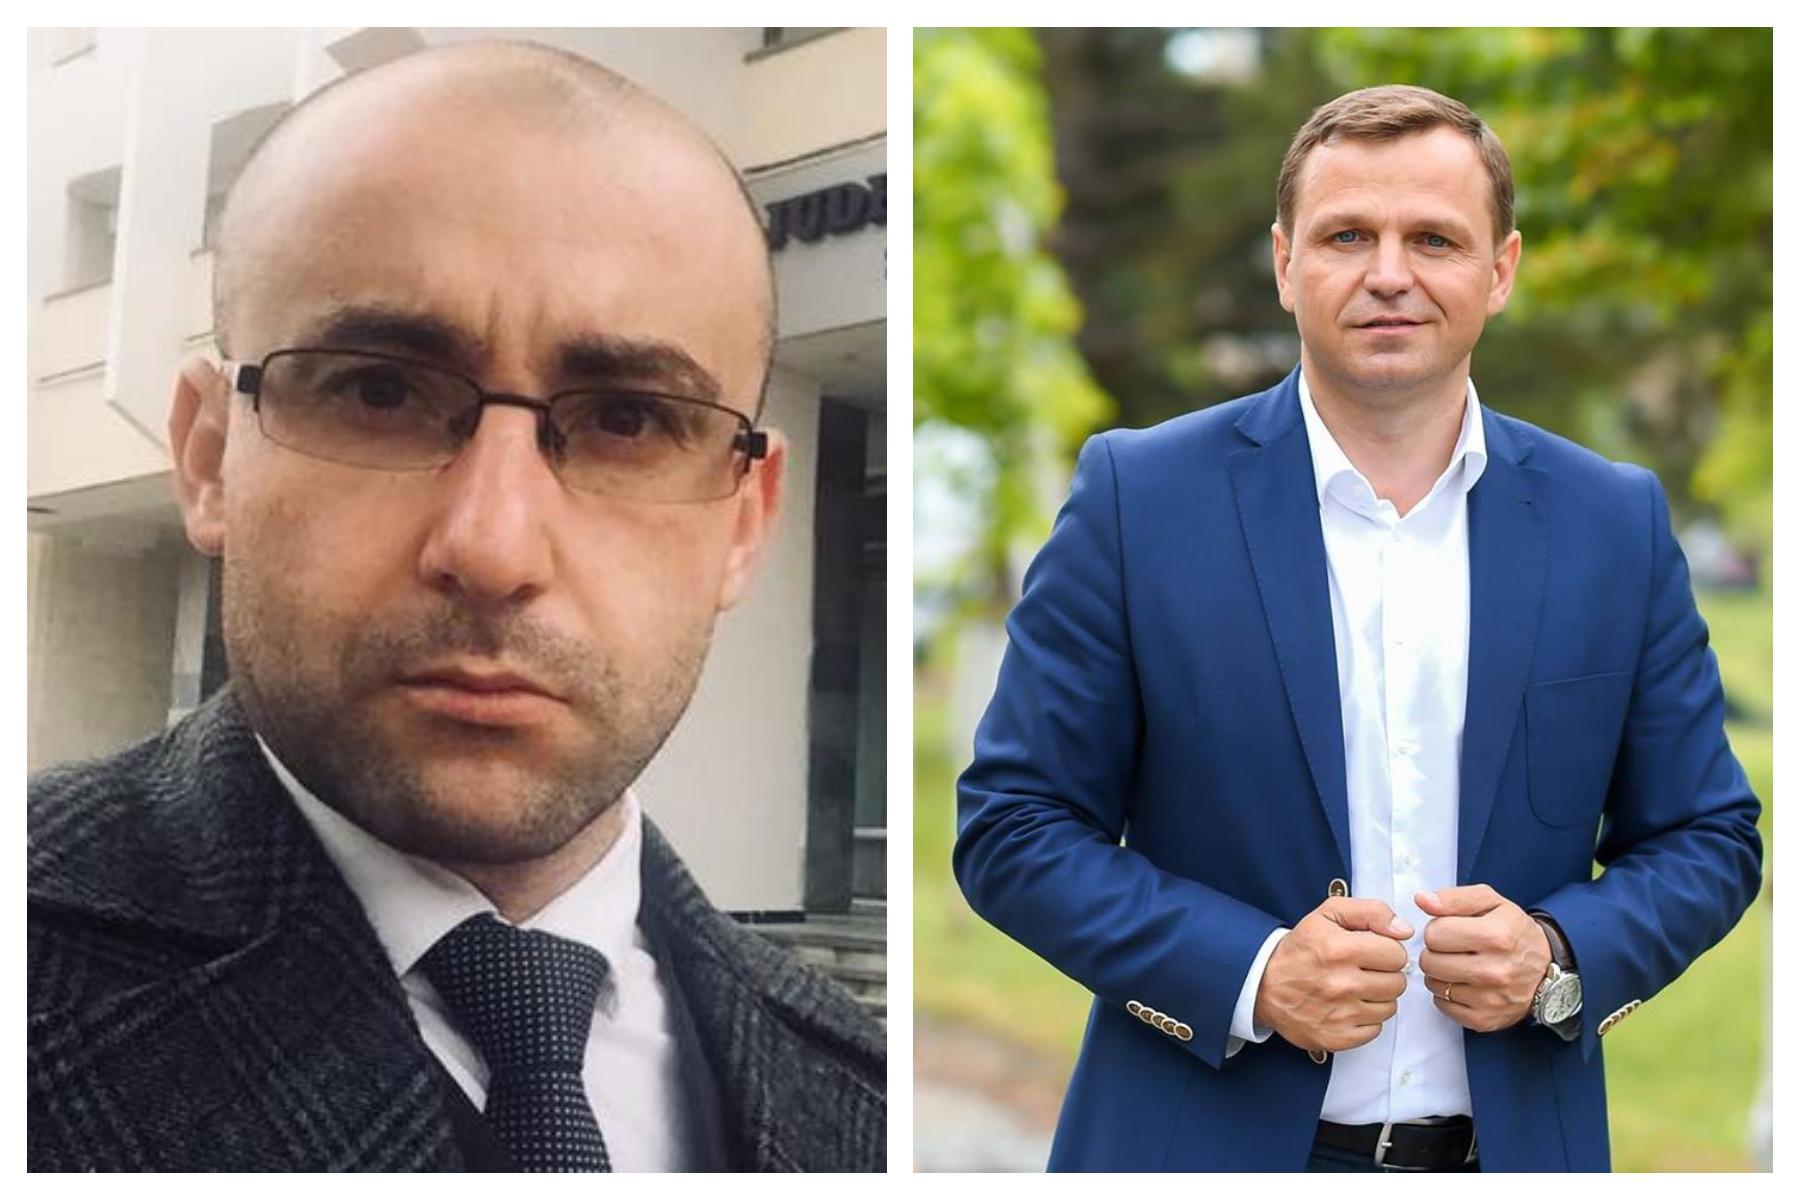 ONG-urile media dezaprobă atitudinea lui Andrei Năstase față de jurnalistul Vadim Ungureanu